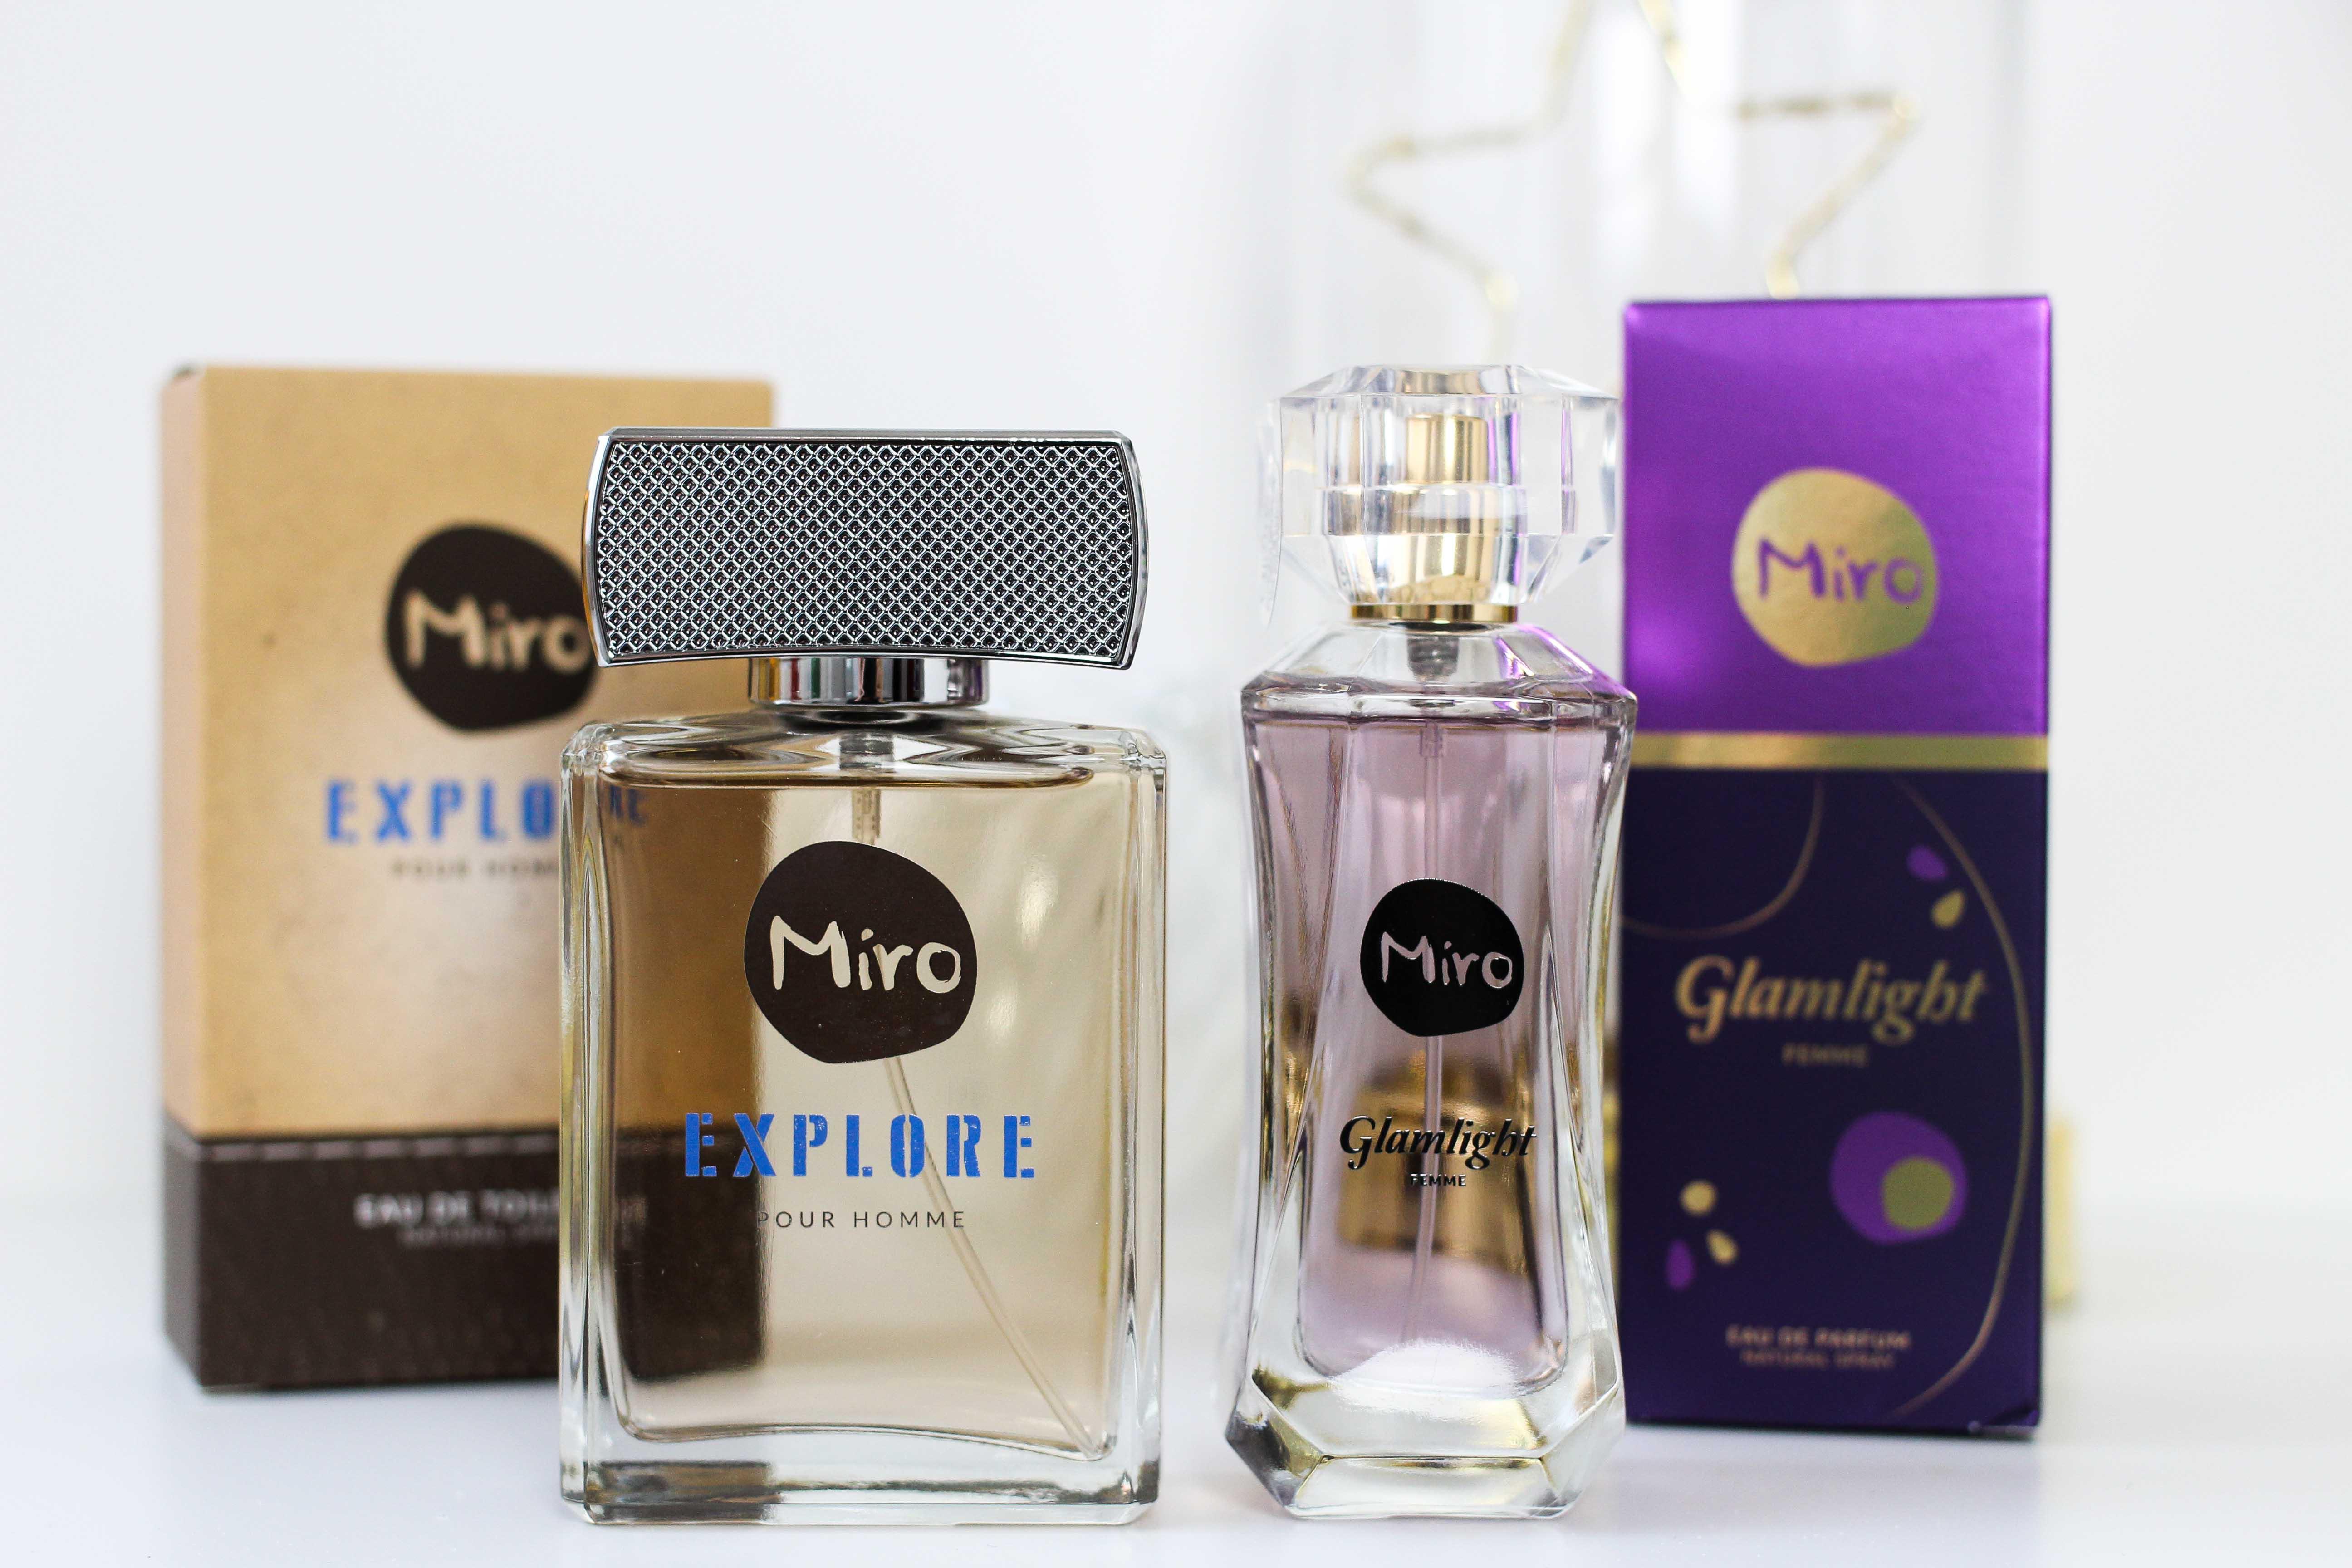 Blogger Adventskalender MIRO Parfüm Set sie ihn gewinnen Gewinnspiel Miro Damenduft Glamlight Miro Herrenduft Explore 4